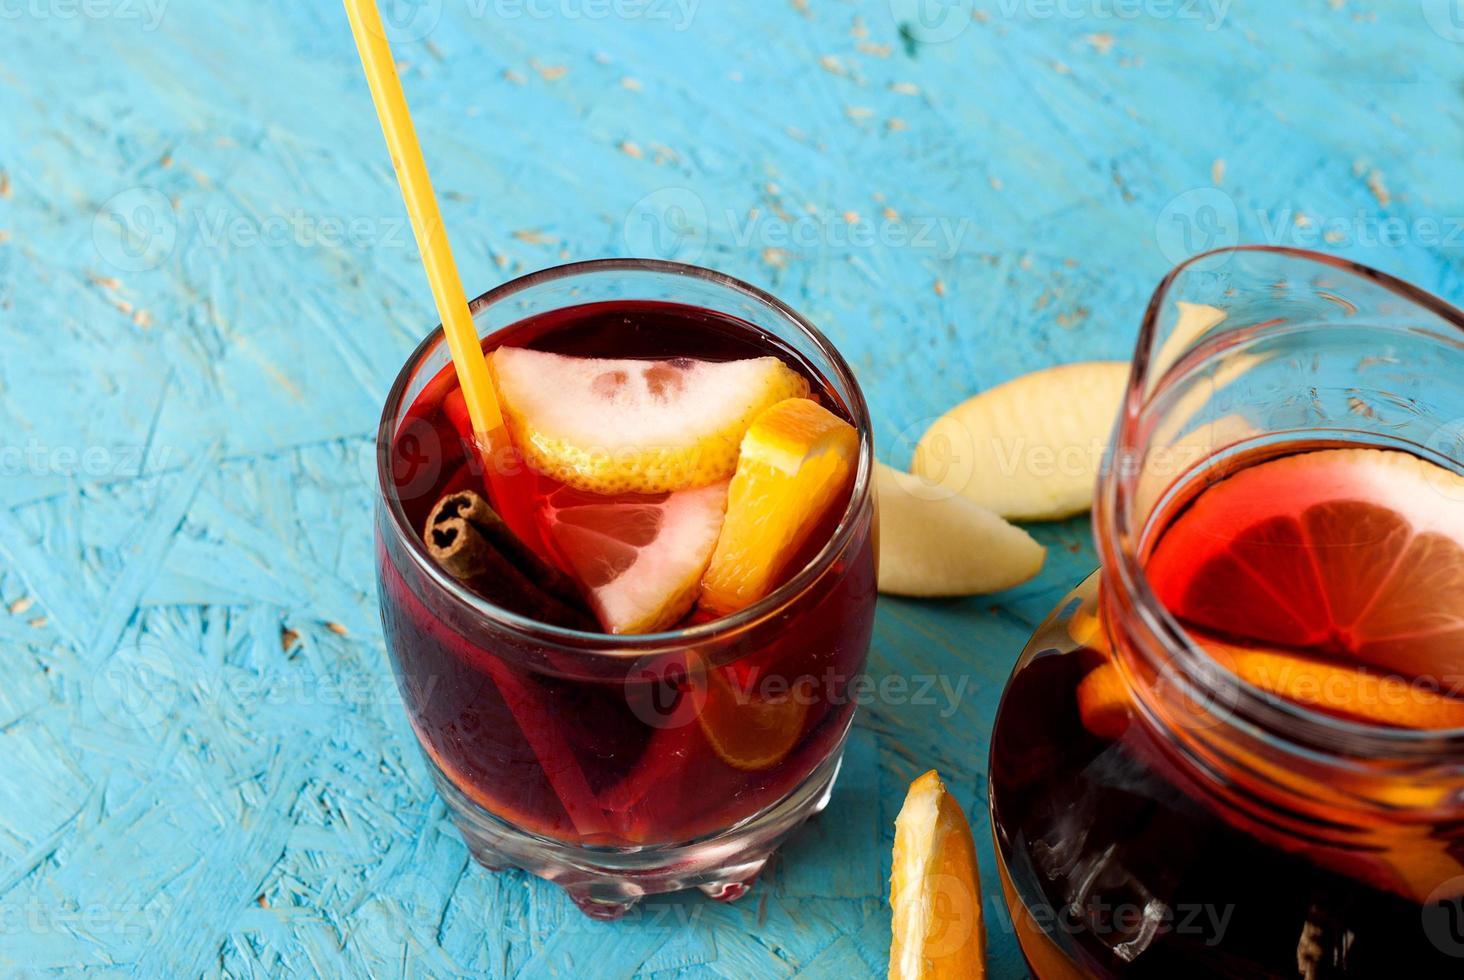 sangria rafraîchissante aux fruits. boisson d'été photo